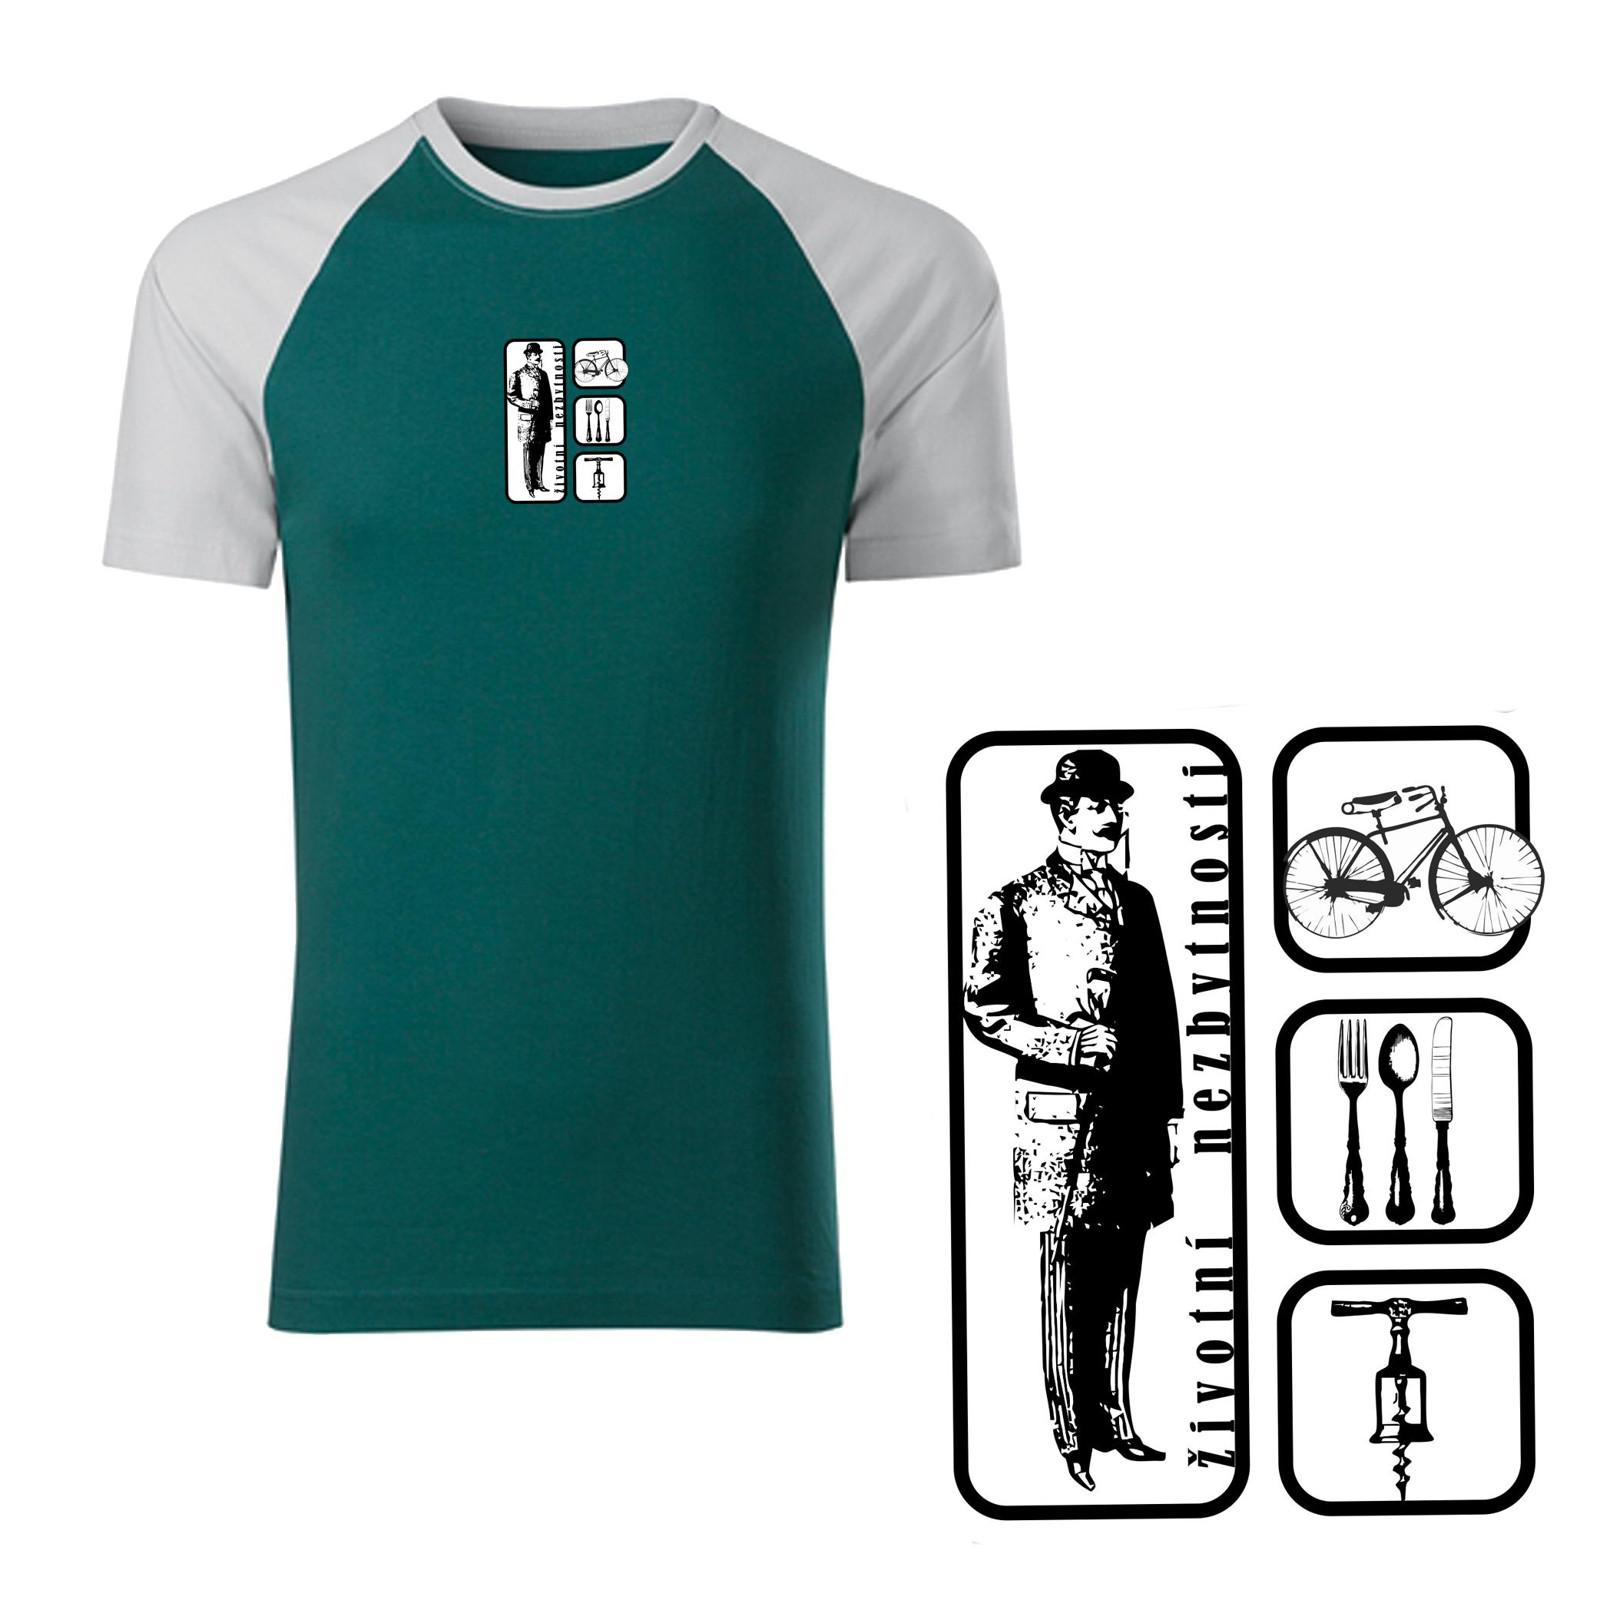 54df957a635c Životní nezbytnosti (pánské tričko XL)   Zboží prodejce kr.Ali.k ...